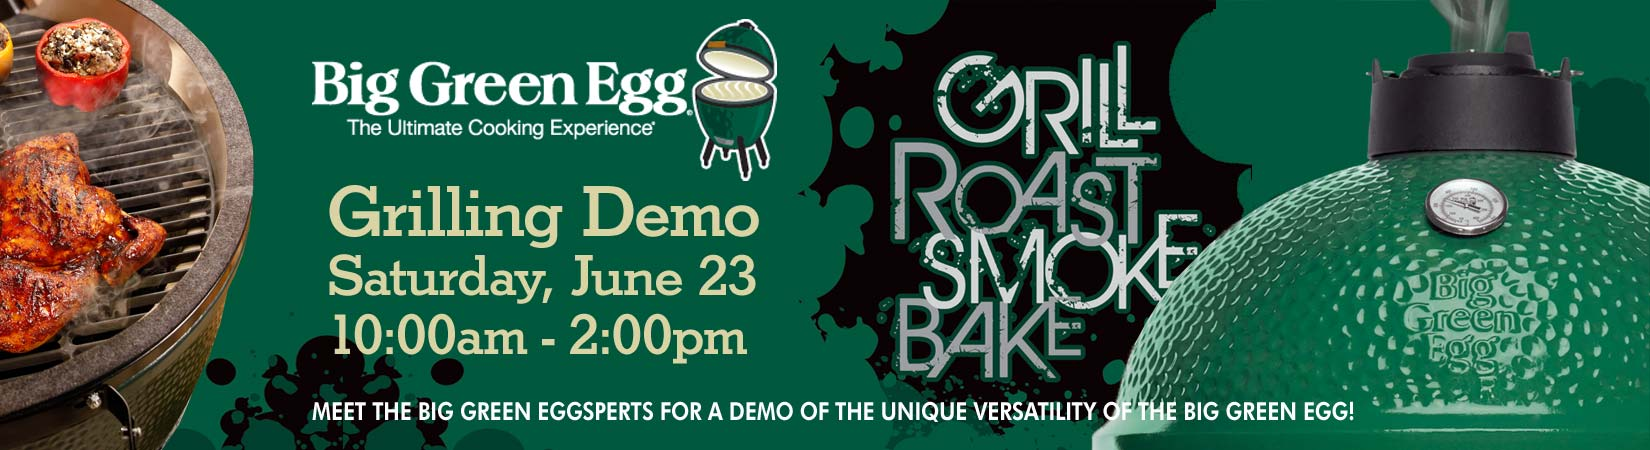 Big Green Egg Grilling Demo image